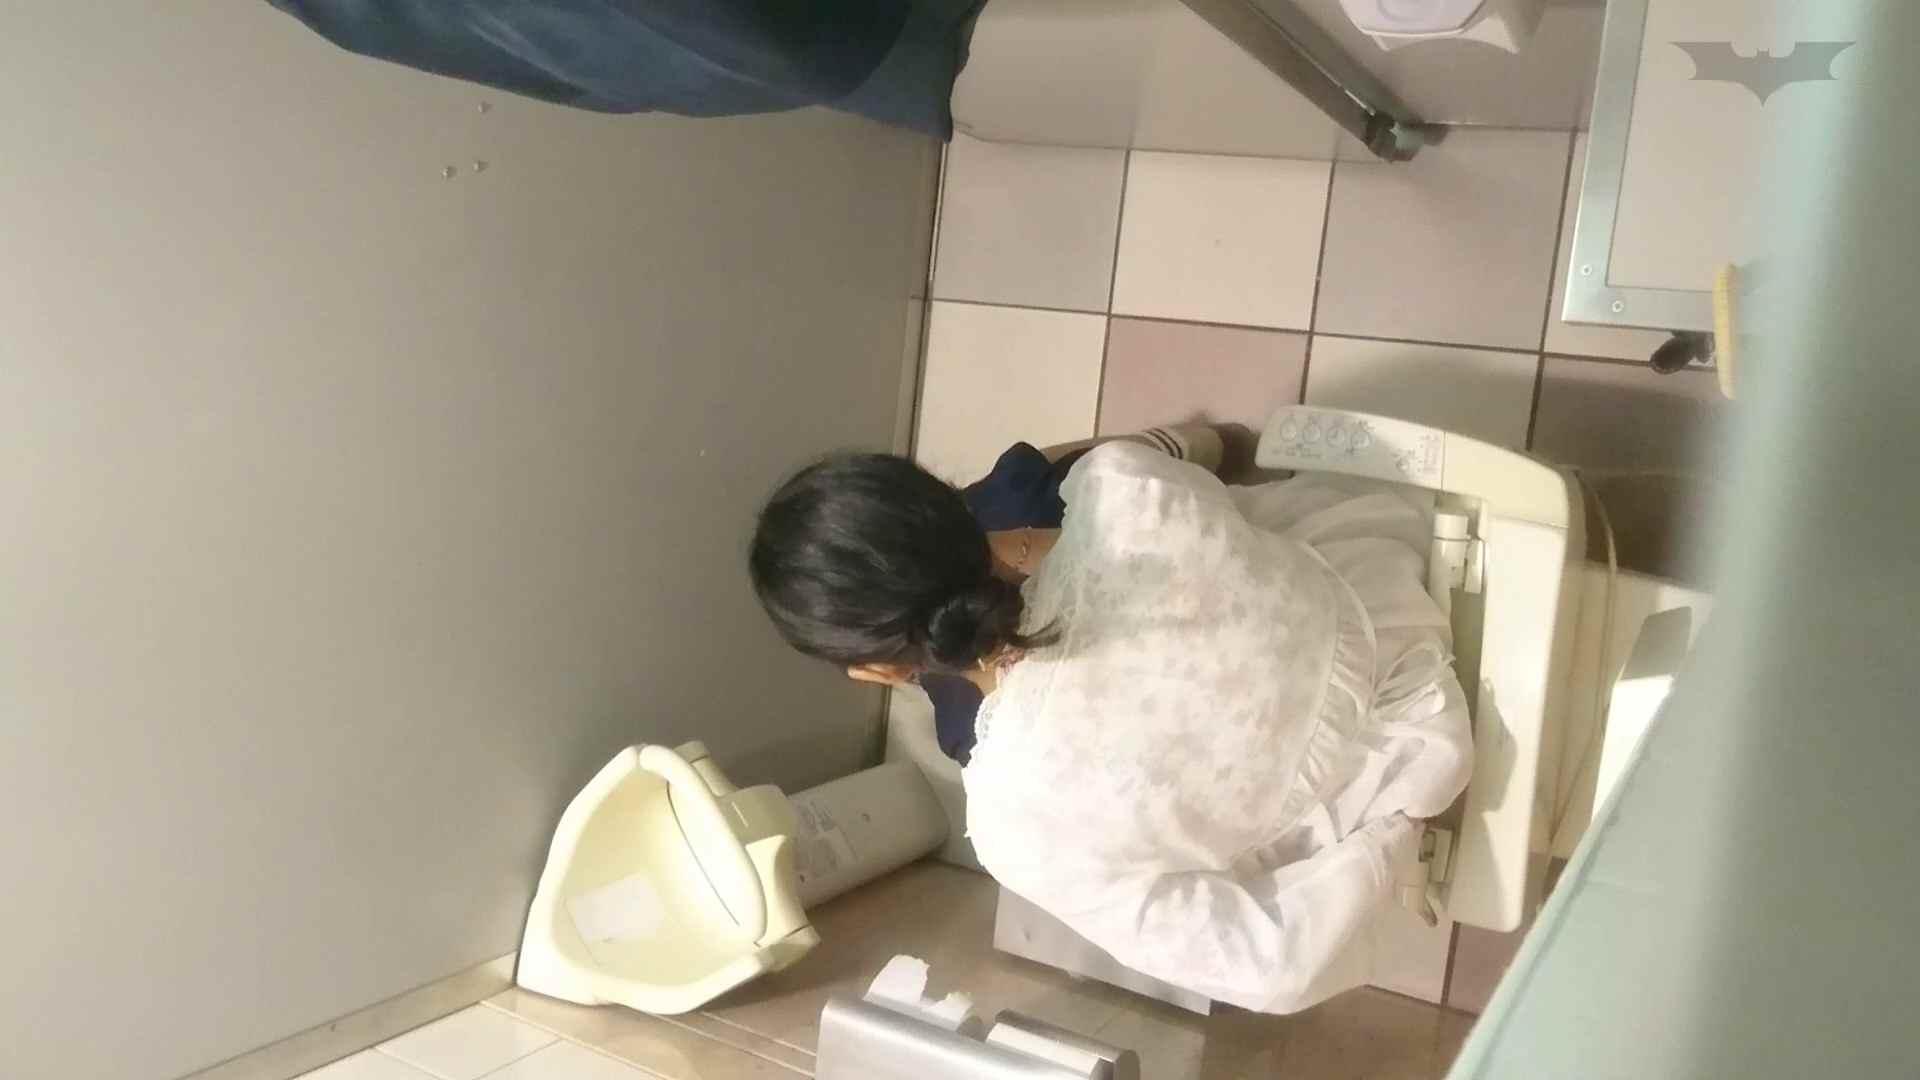 化粧室絵巻 ショッピングモール編 VOL.25 盛合せ われめAV動画紹介 94枚 94